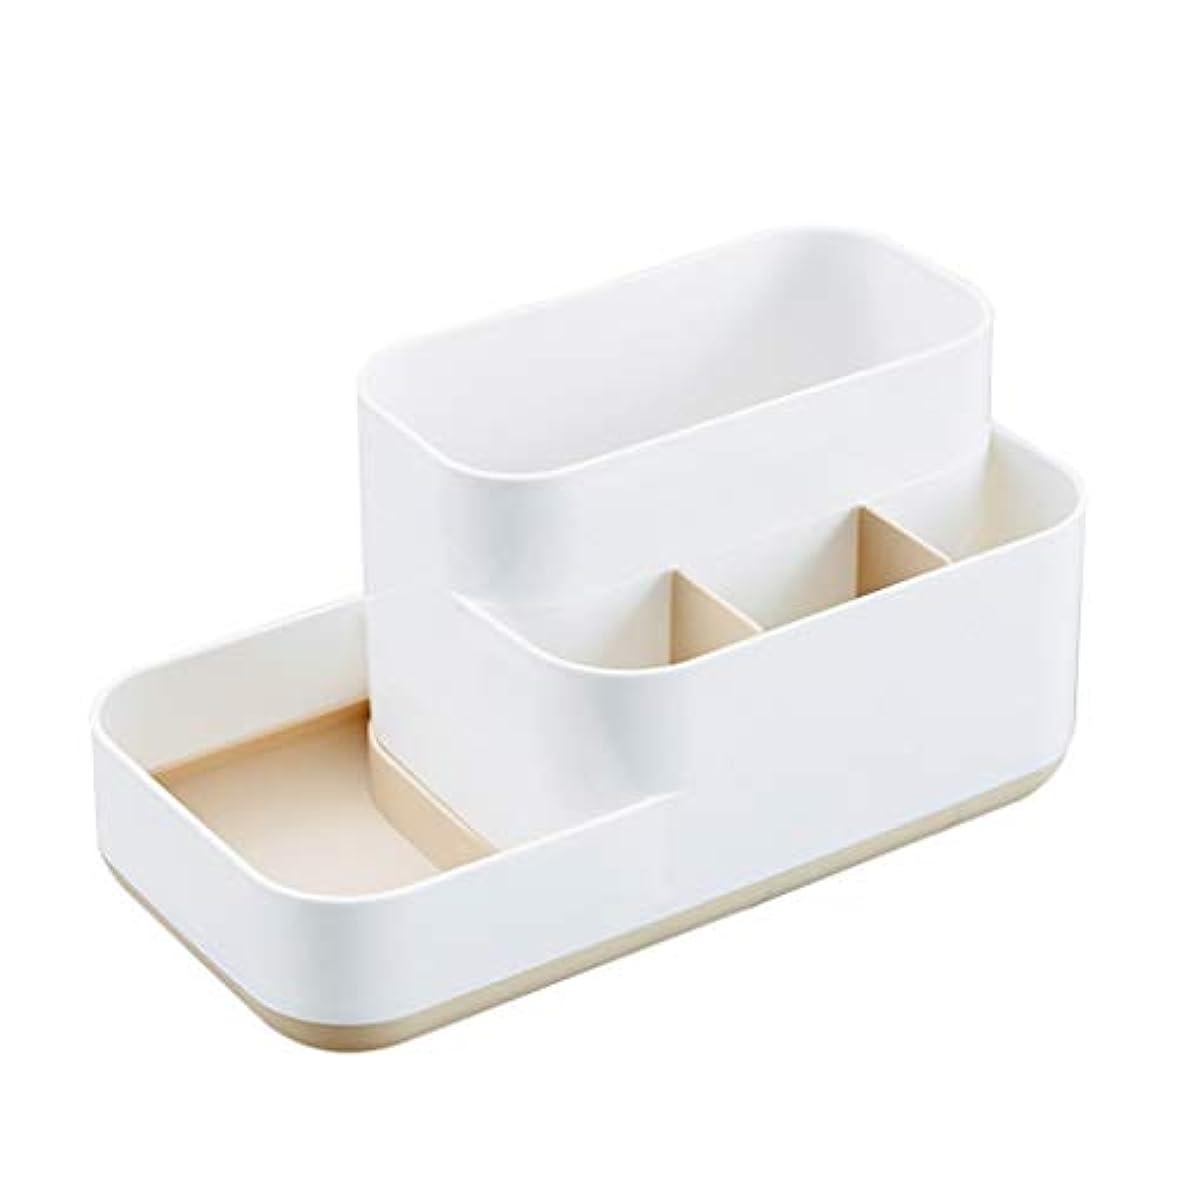 担保粗い快いデスクトップマルチメディア化粧品収納ボックス多機能プラスチックボックスリビングルームのコーヒーテーブル仕上げボックス (Color : Apricot)